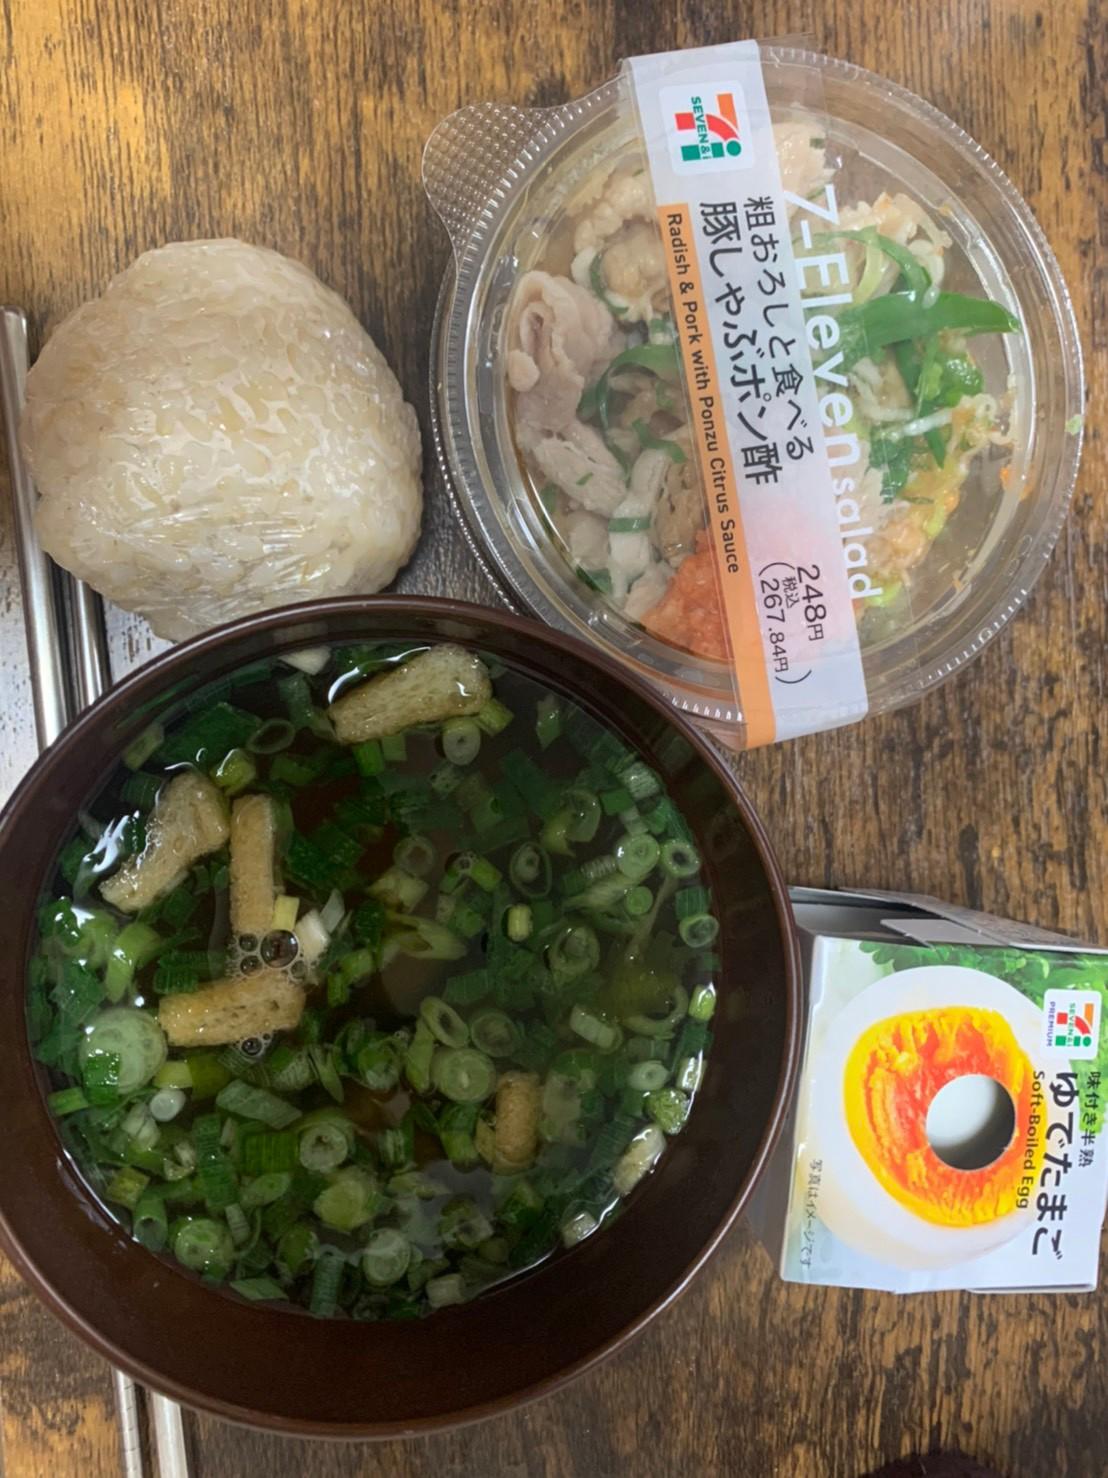 忙しい時は玄米+コンビニで味噌汁、野菜、ゆで卵でok(福岡パーソナルジム)